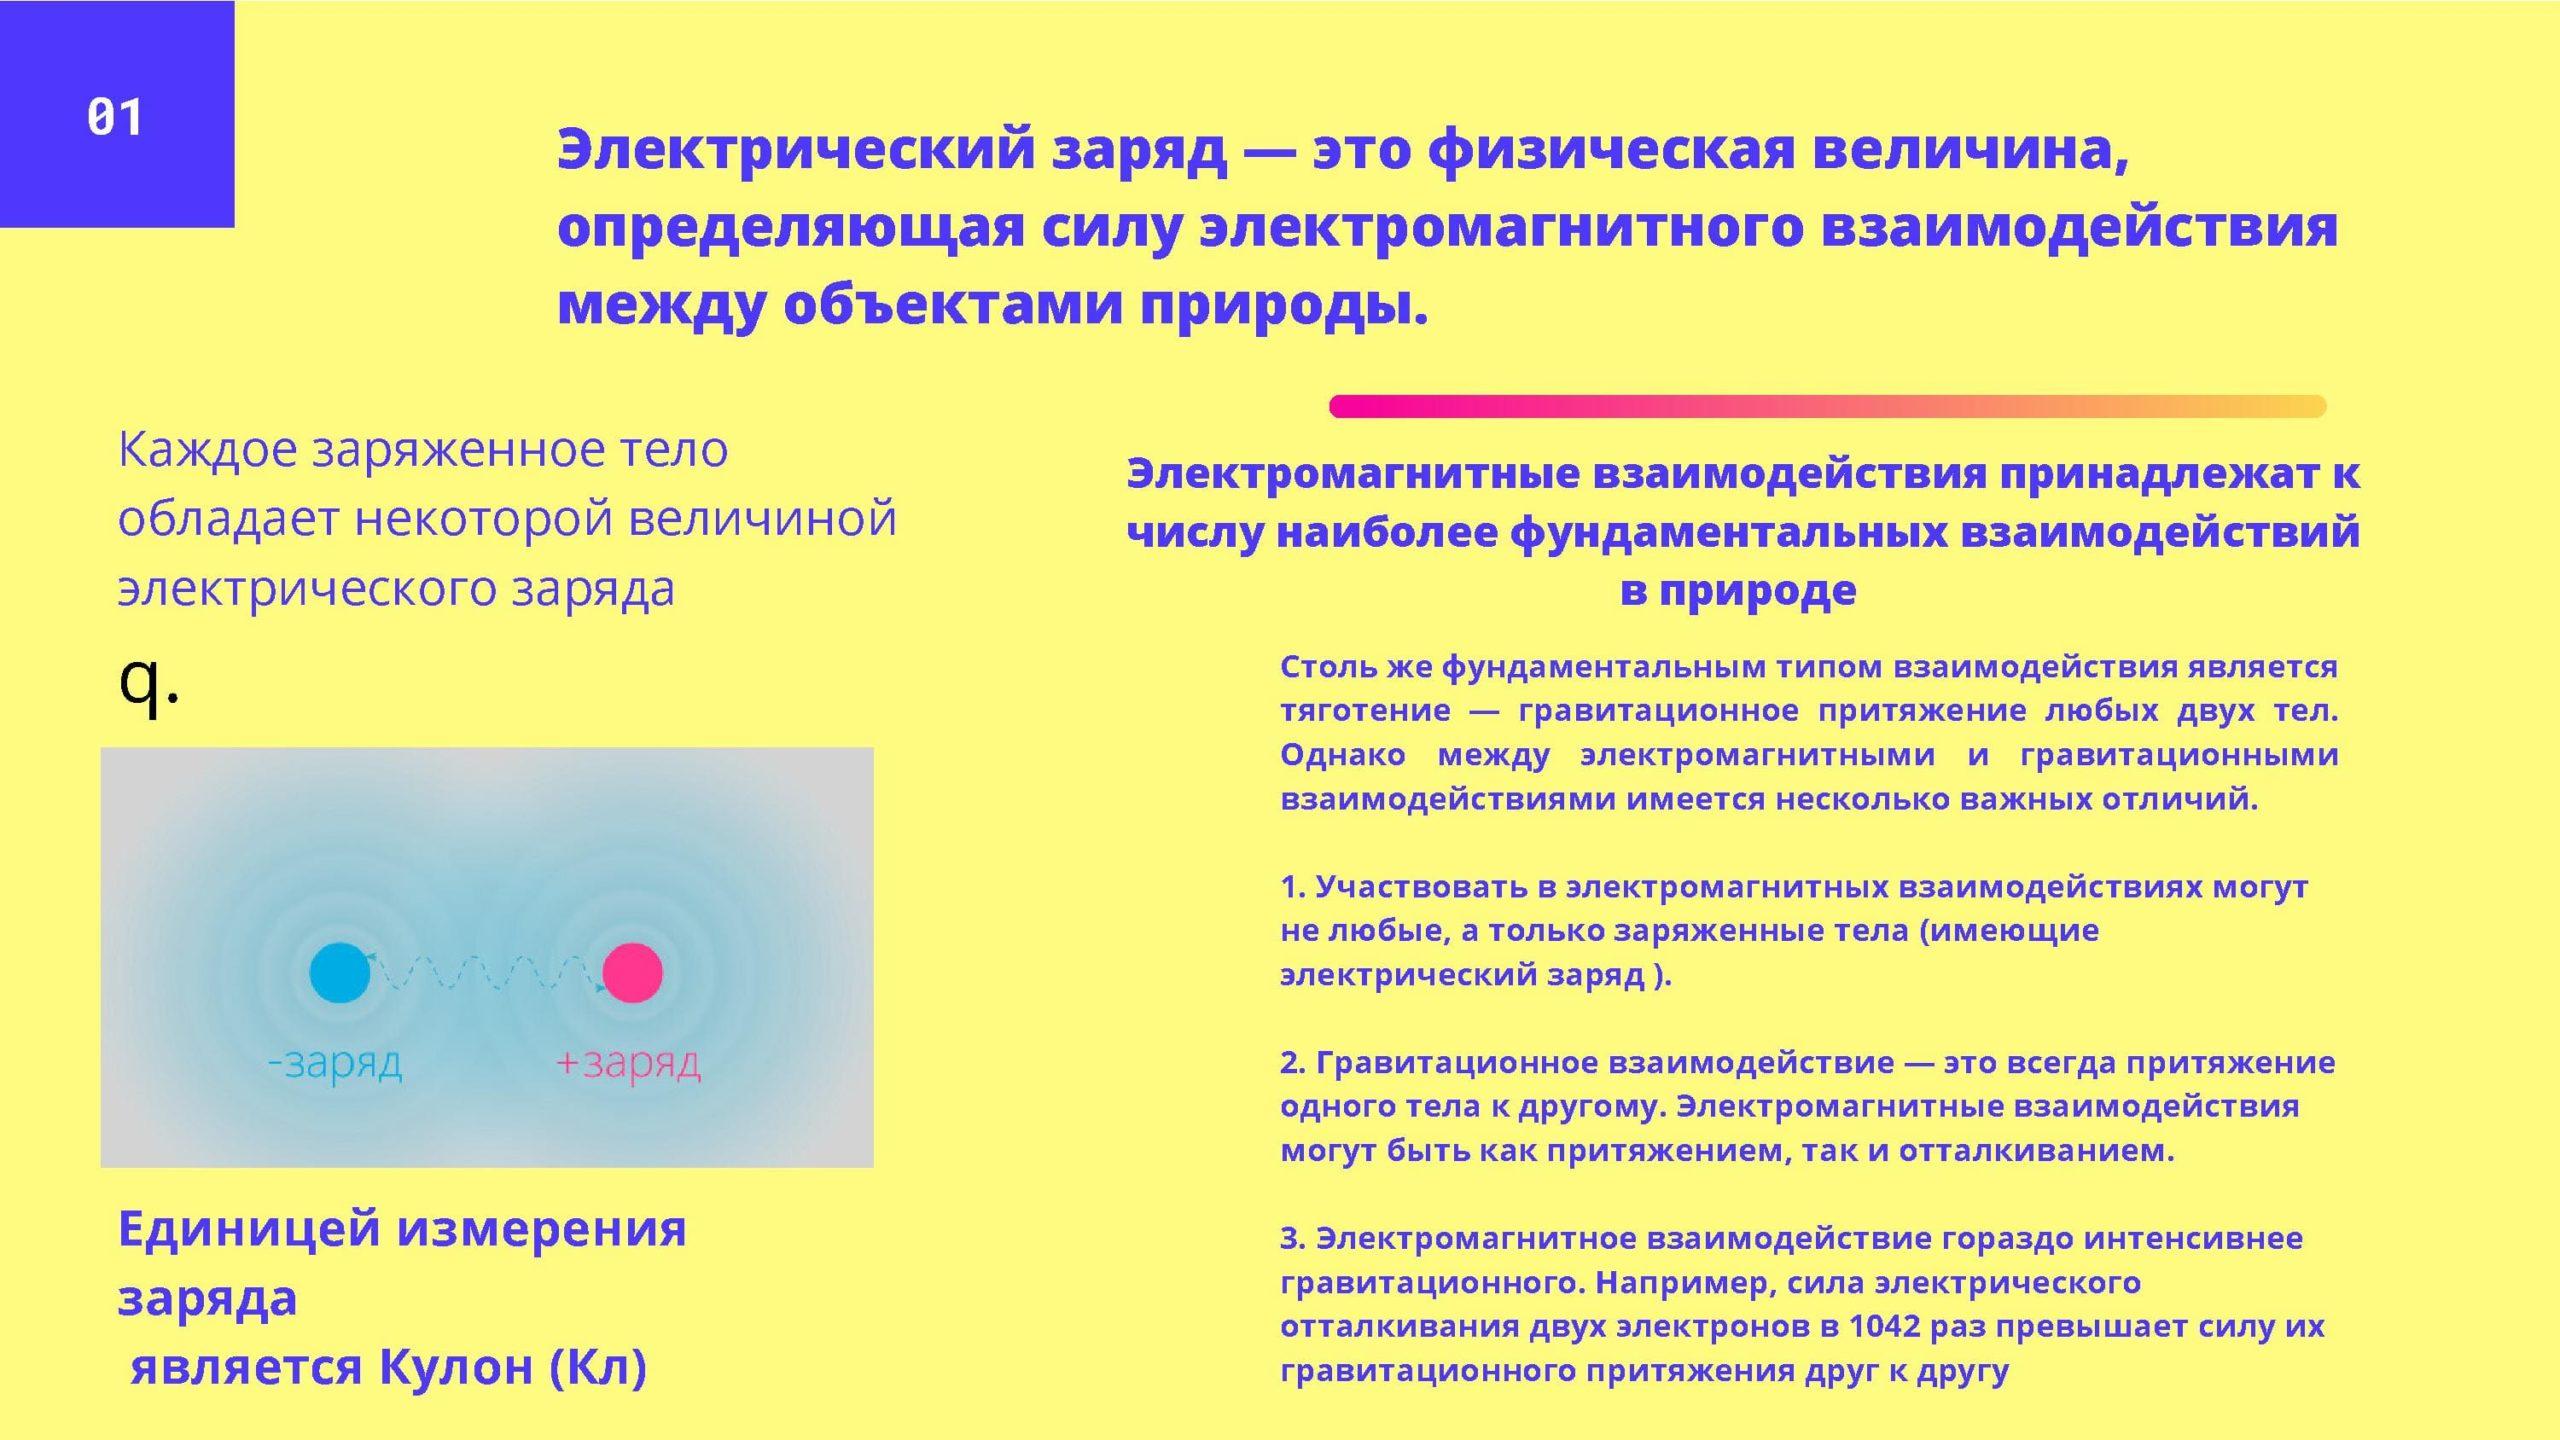 Электрический заряд — википедия